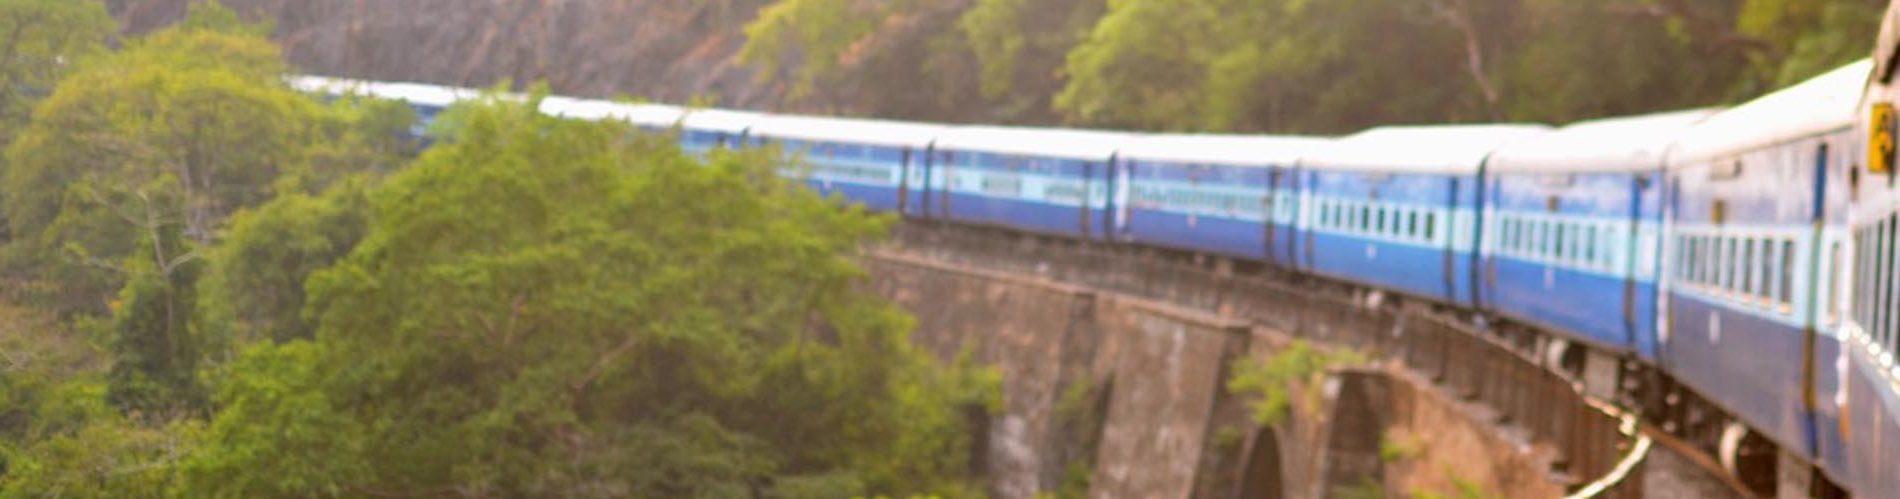 train-947323_1280 copy